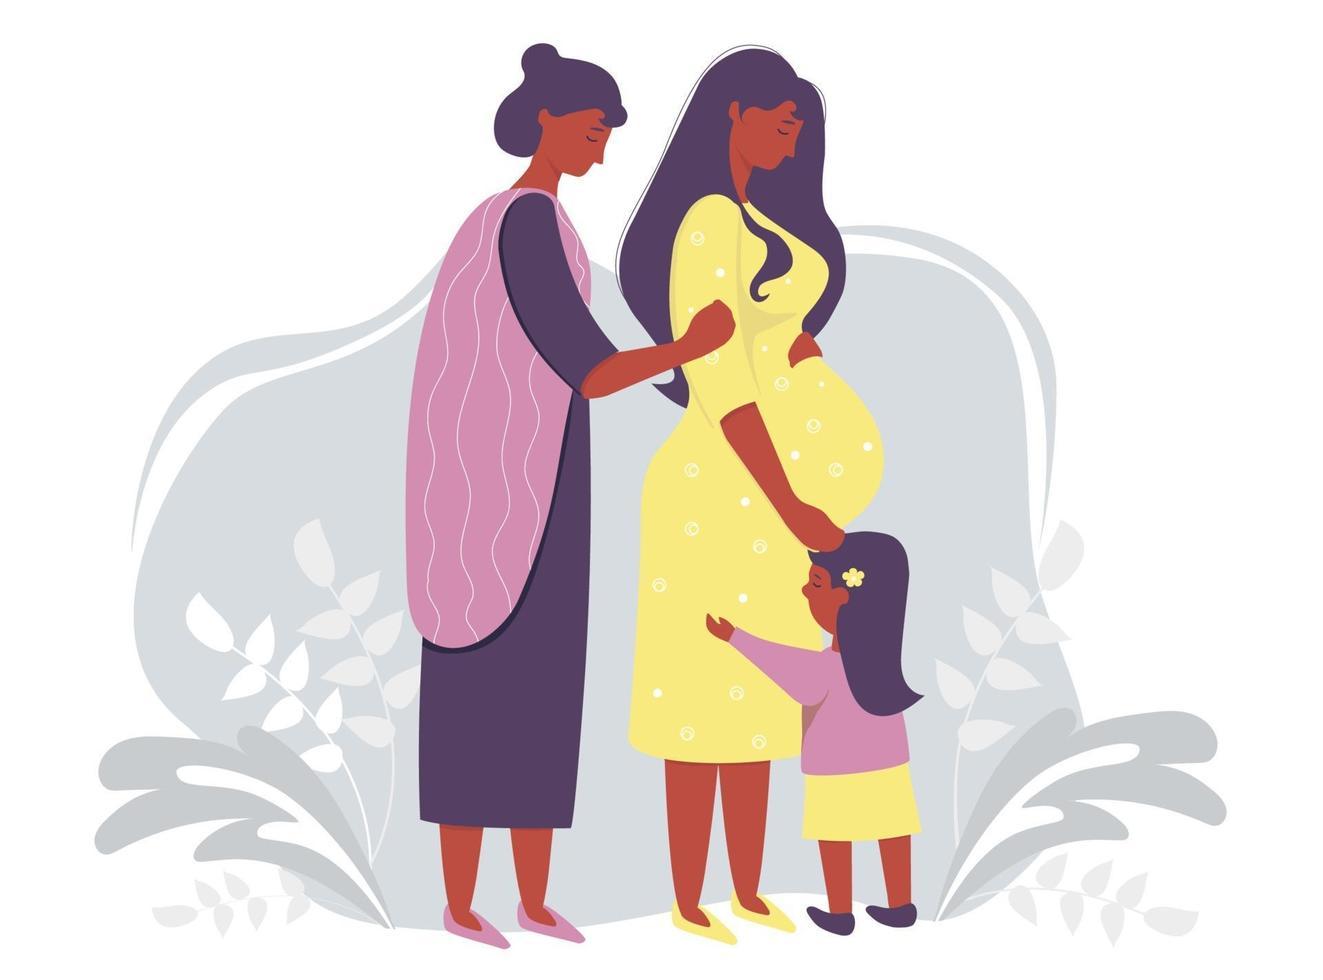 maternidade e família étnica. feliz mulher grávida de pele escura em um vestido amarelo abraça suavemente sua barriga. ao lado dela está uma mulher mãe e filha em um fundo cinza decorativo. ilustração vetorial vetor